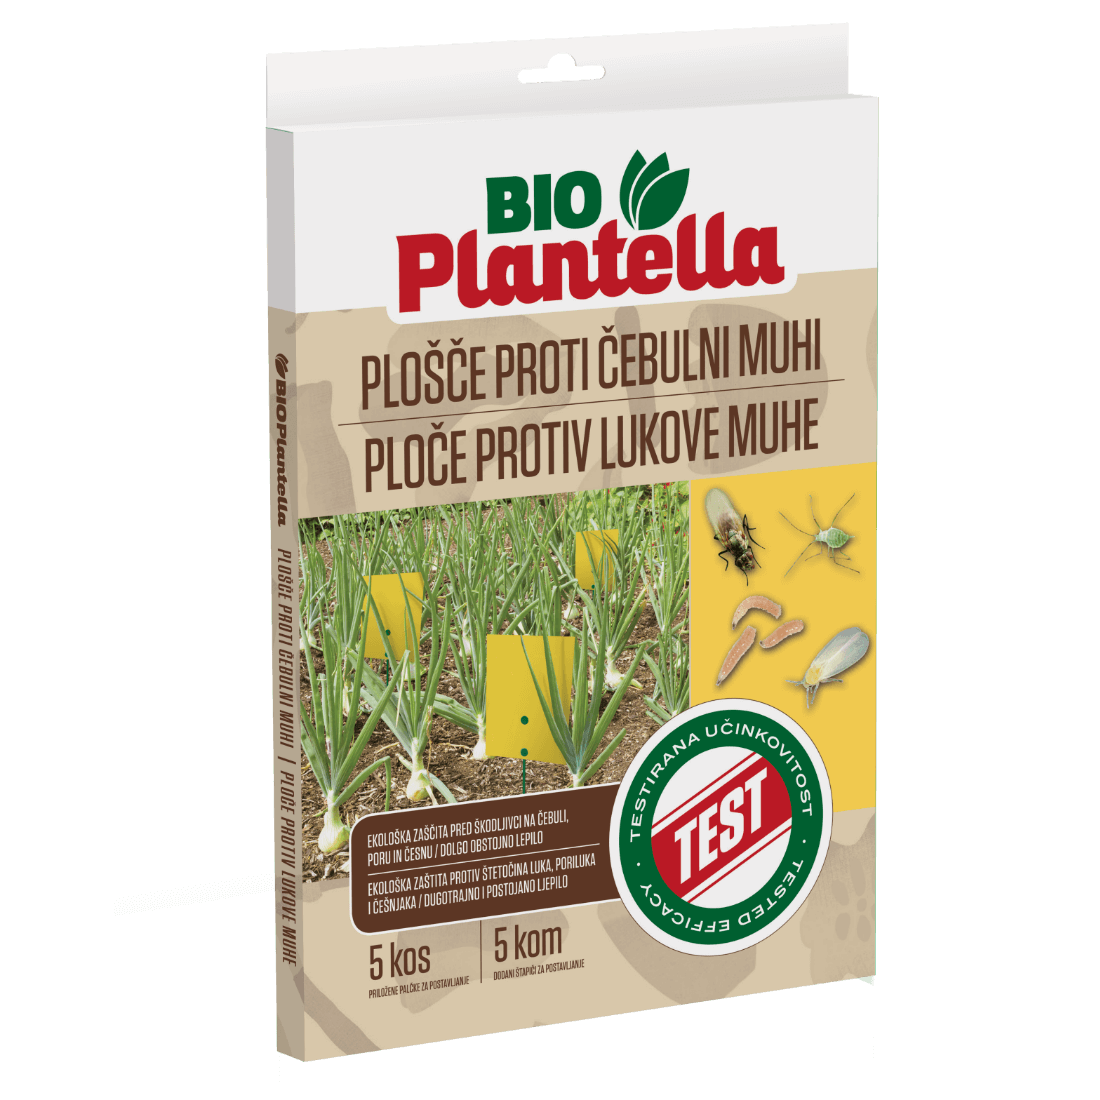 Bio-Plantella_Rumene-lepljive-plosce-cebulna-muha_10kom_SI-HR-RO